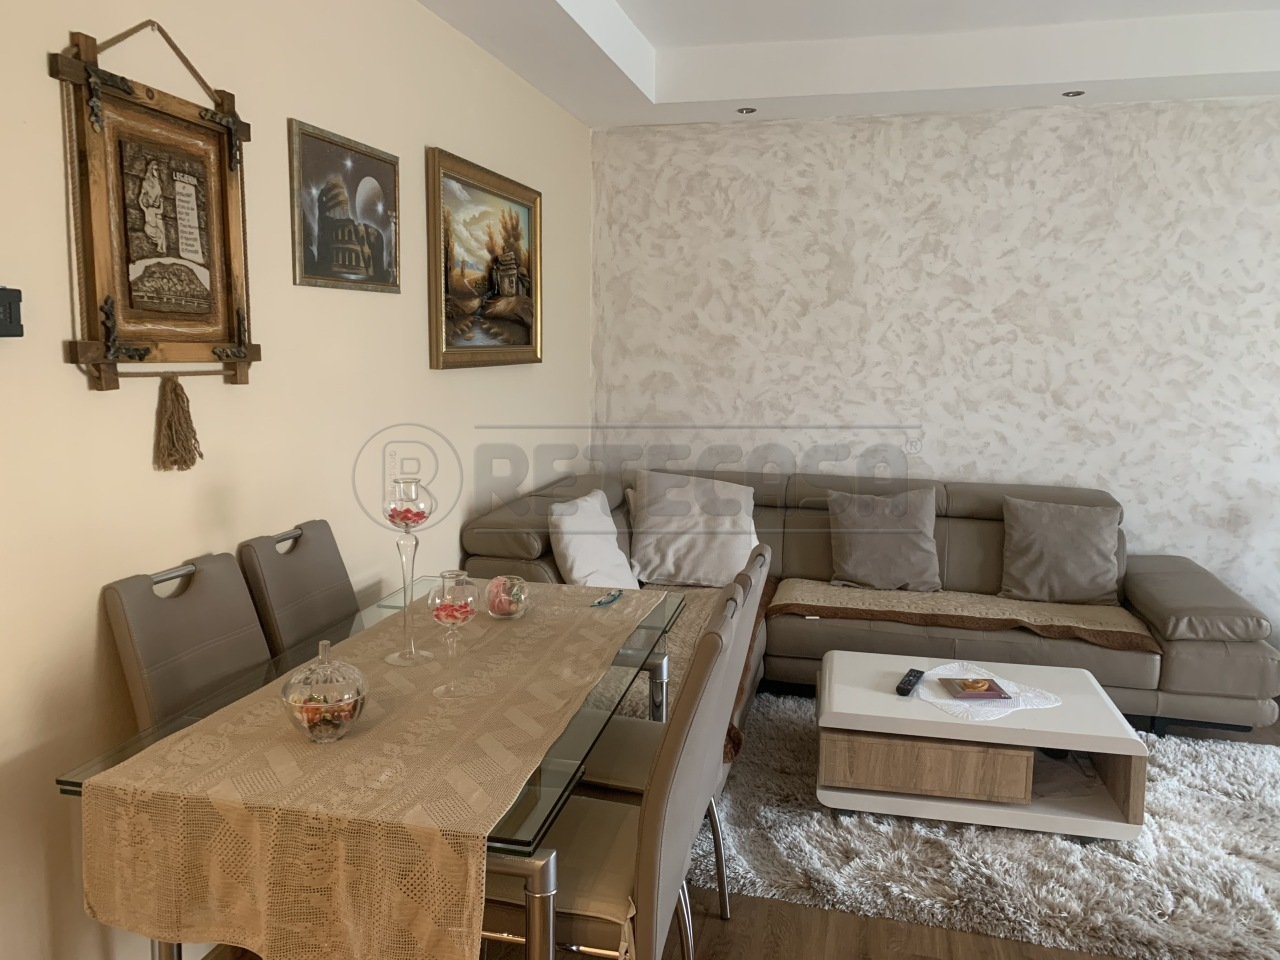 Appartamento in vendita a Montello, 3 locali, prezzo € 128.000 | CambioCasa.it